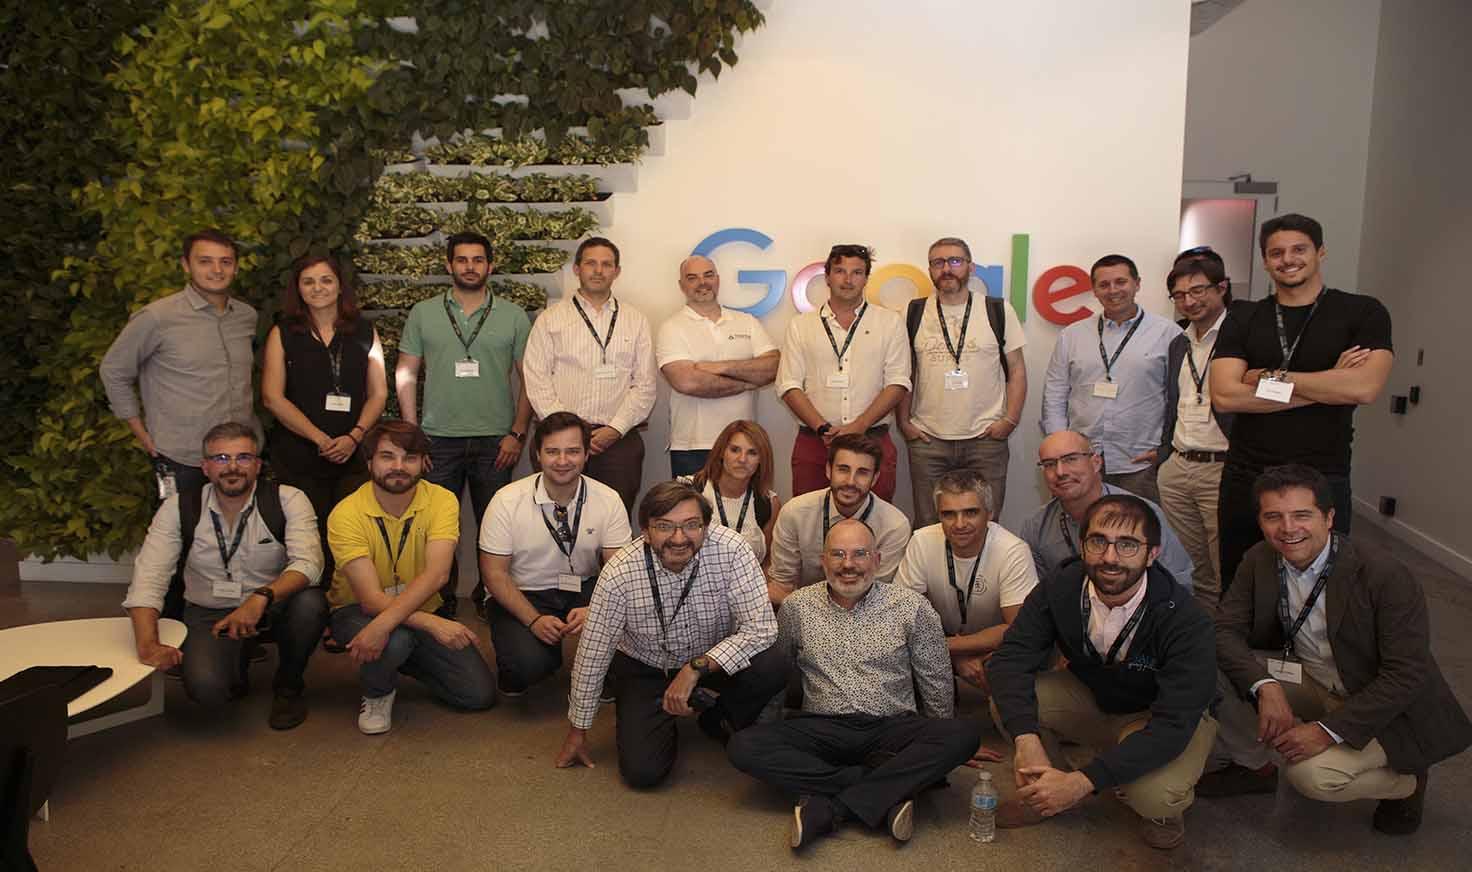 Els guanyadors dels Premis Emprenedor XXI van participar als programes internacionals a Cambridge i Silicon Valley